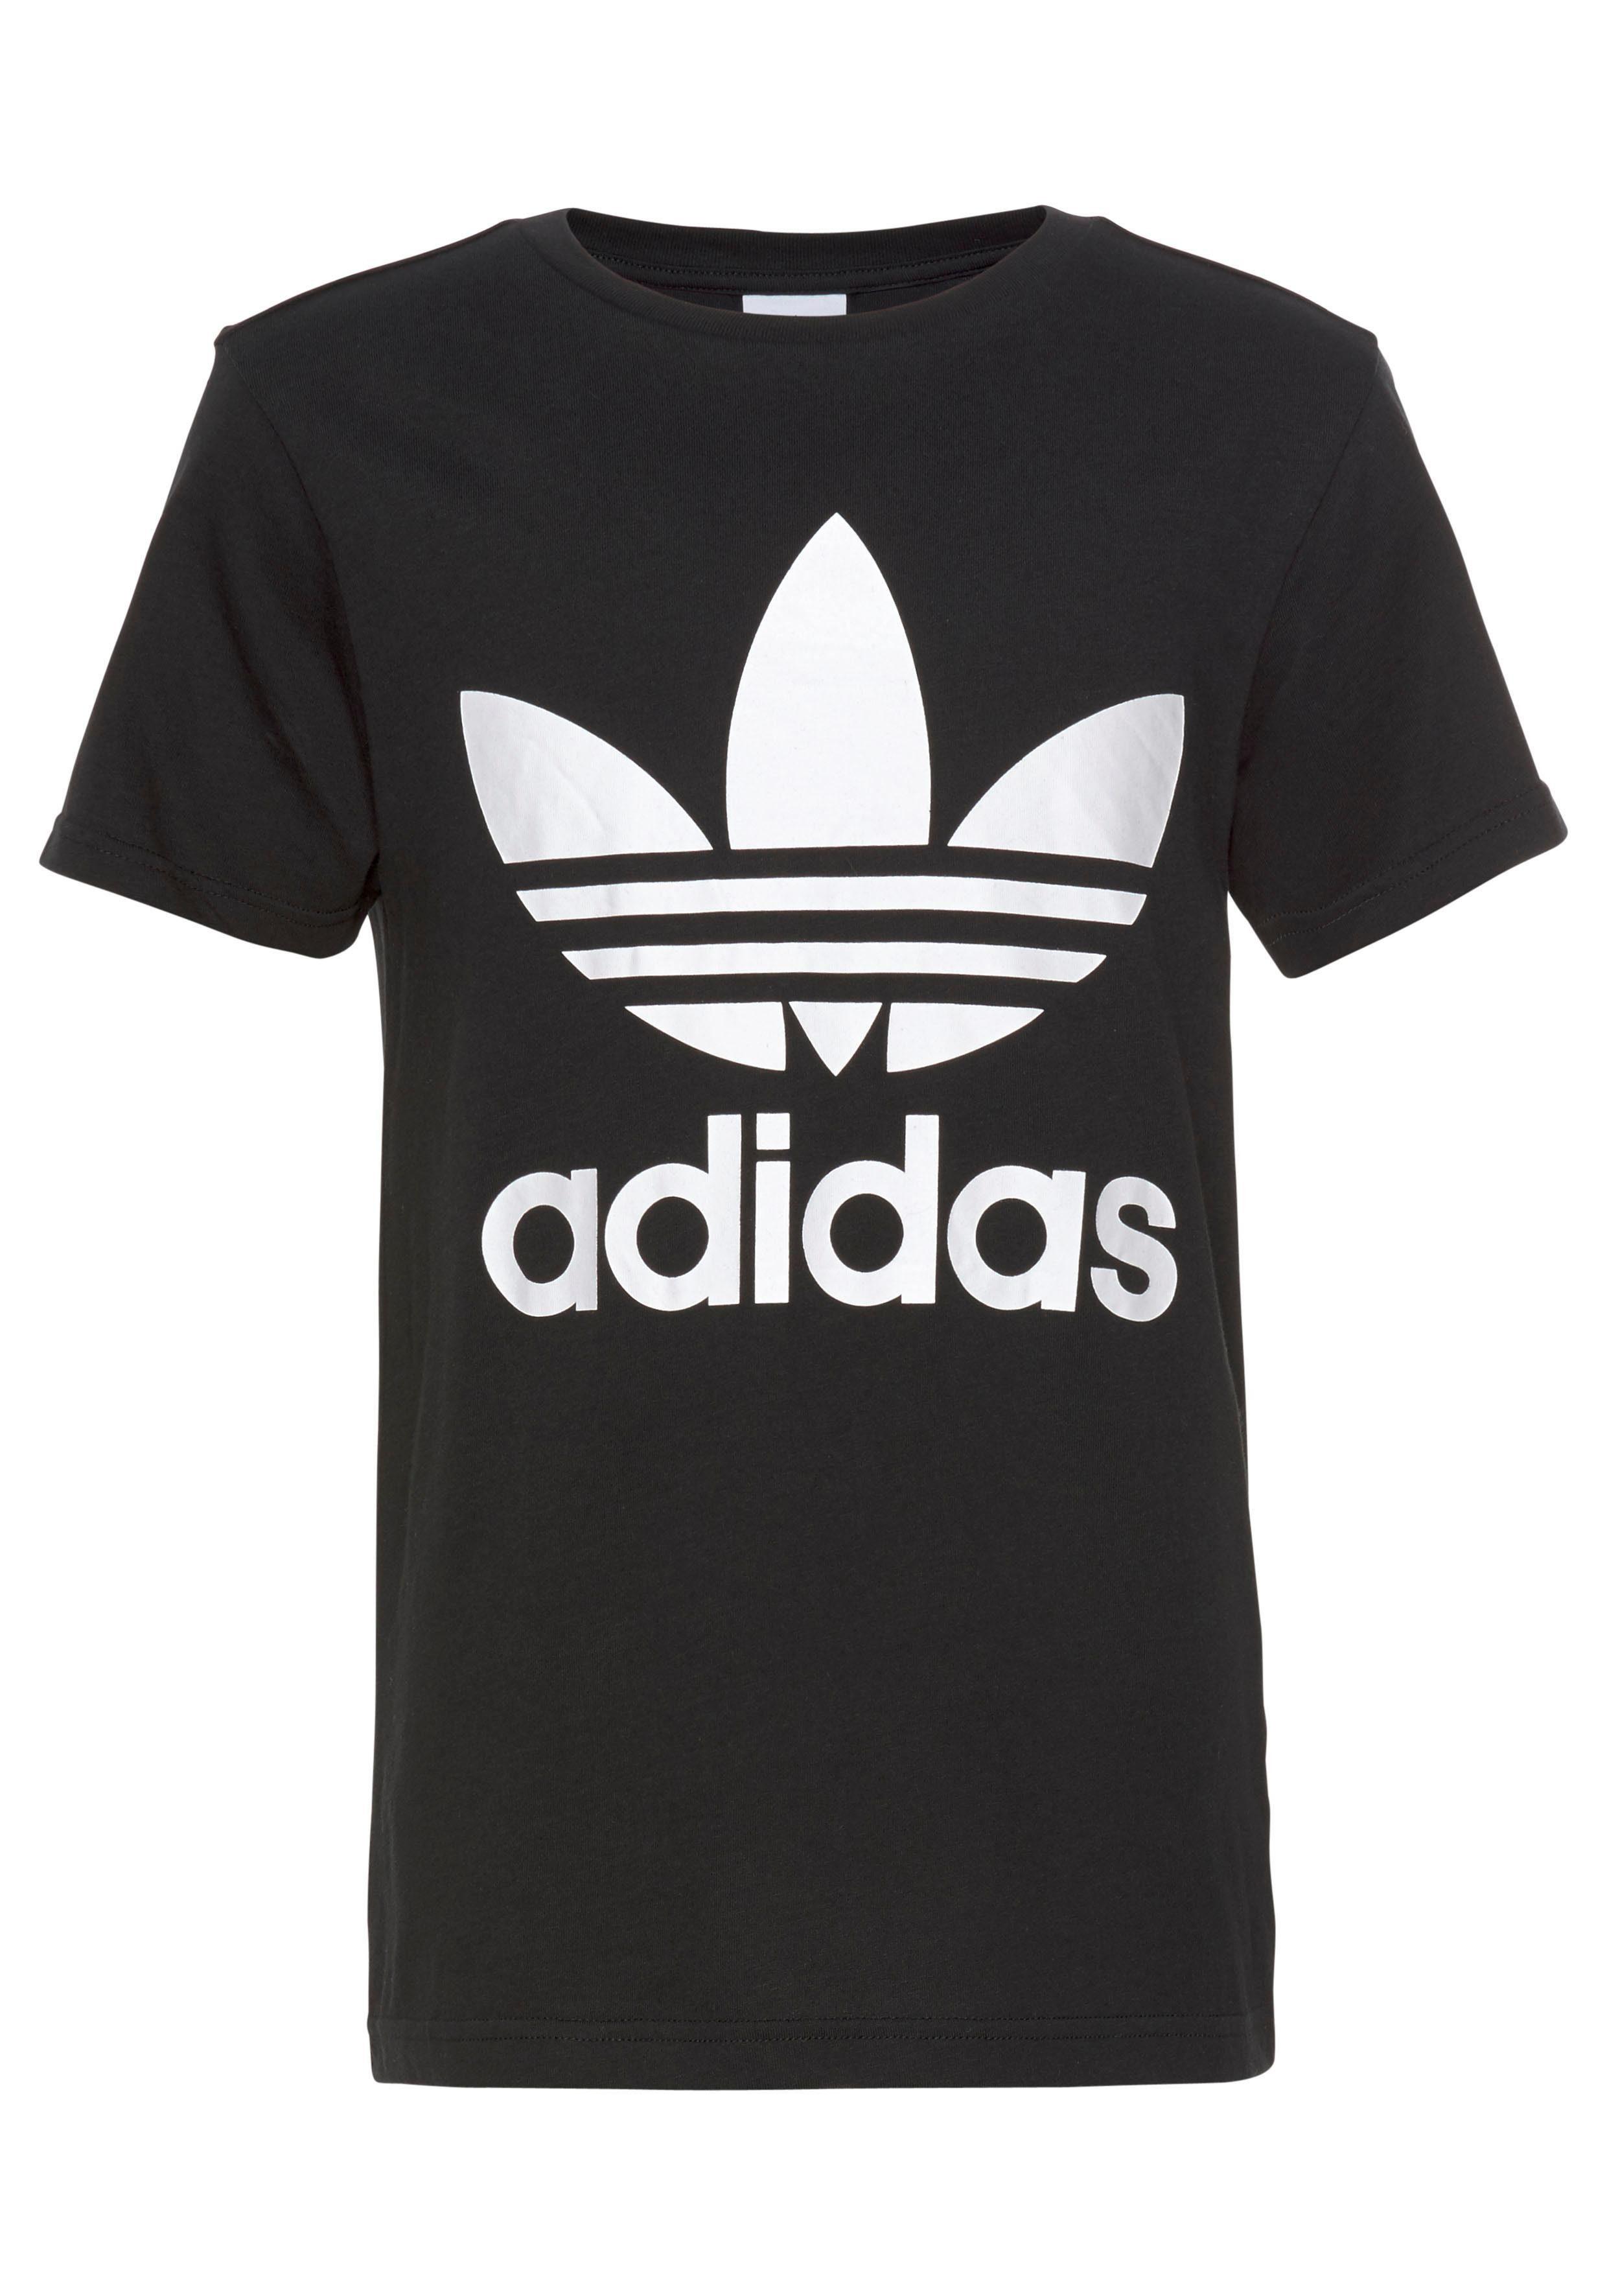 adidas t shirt mädchen schwarz